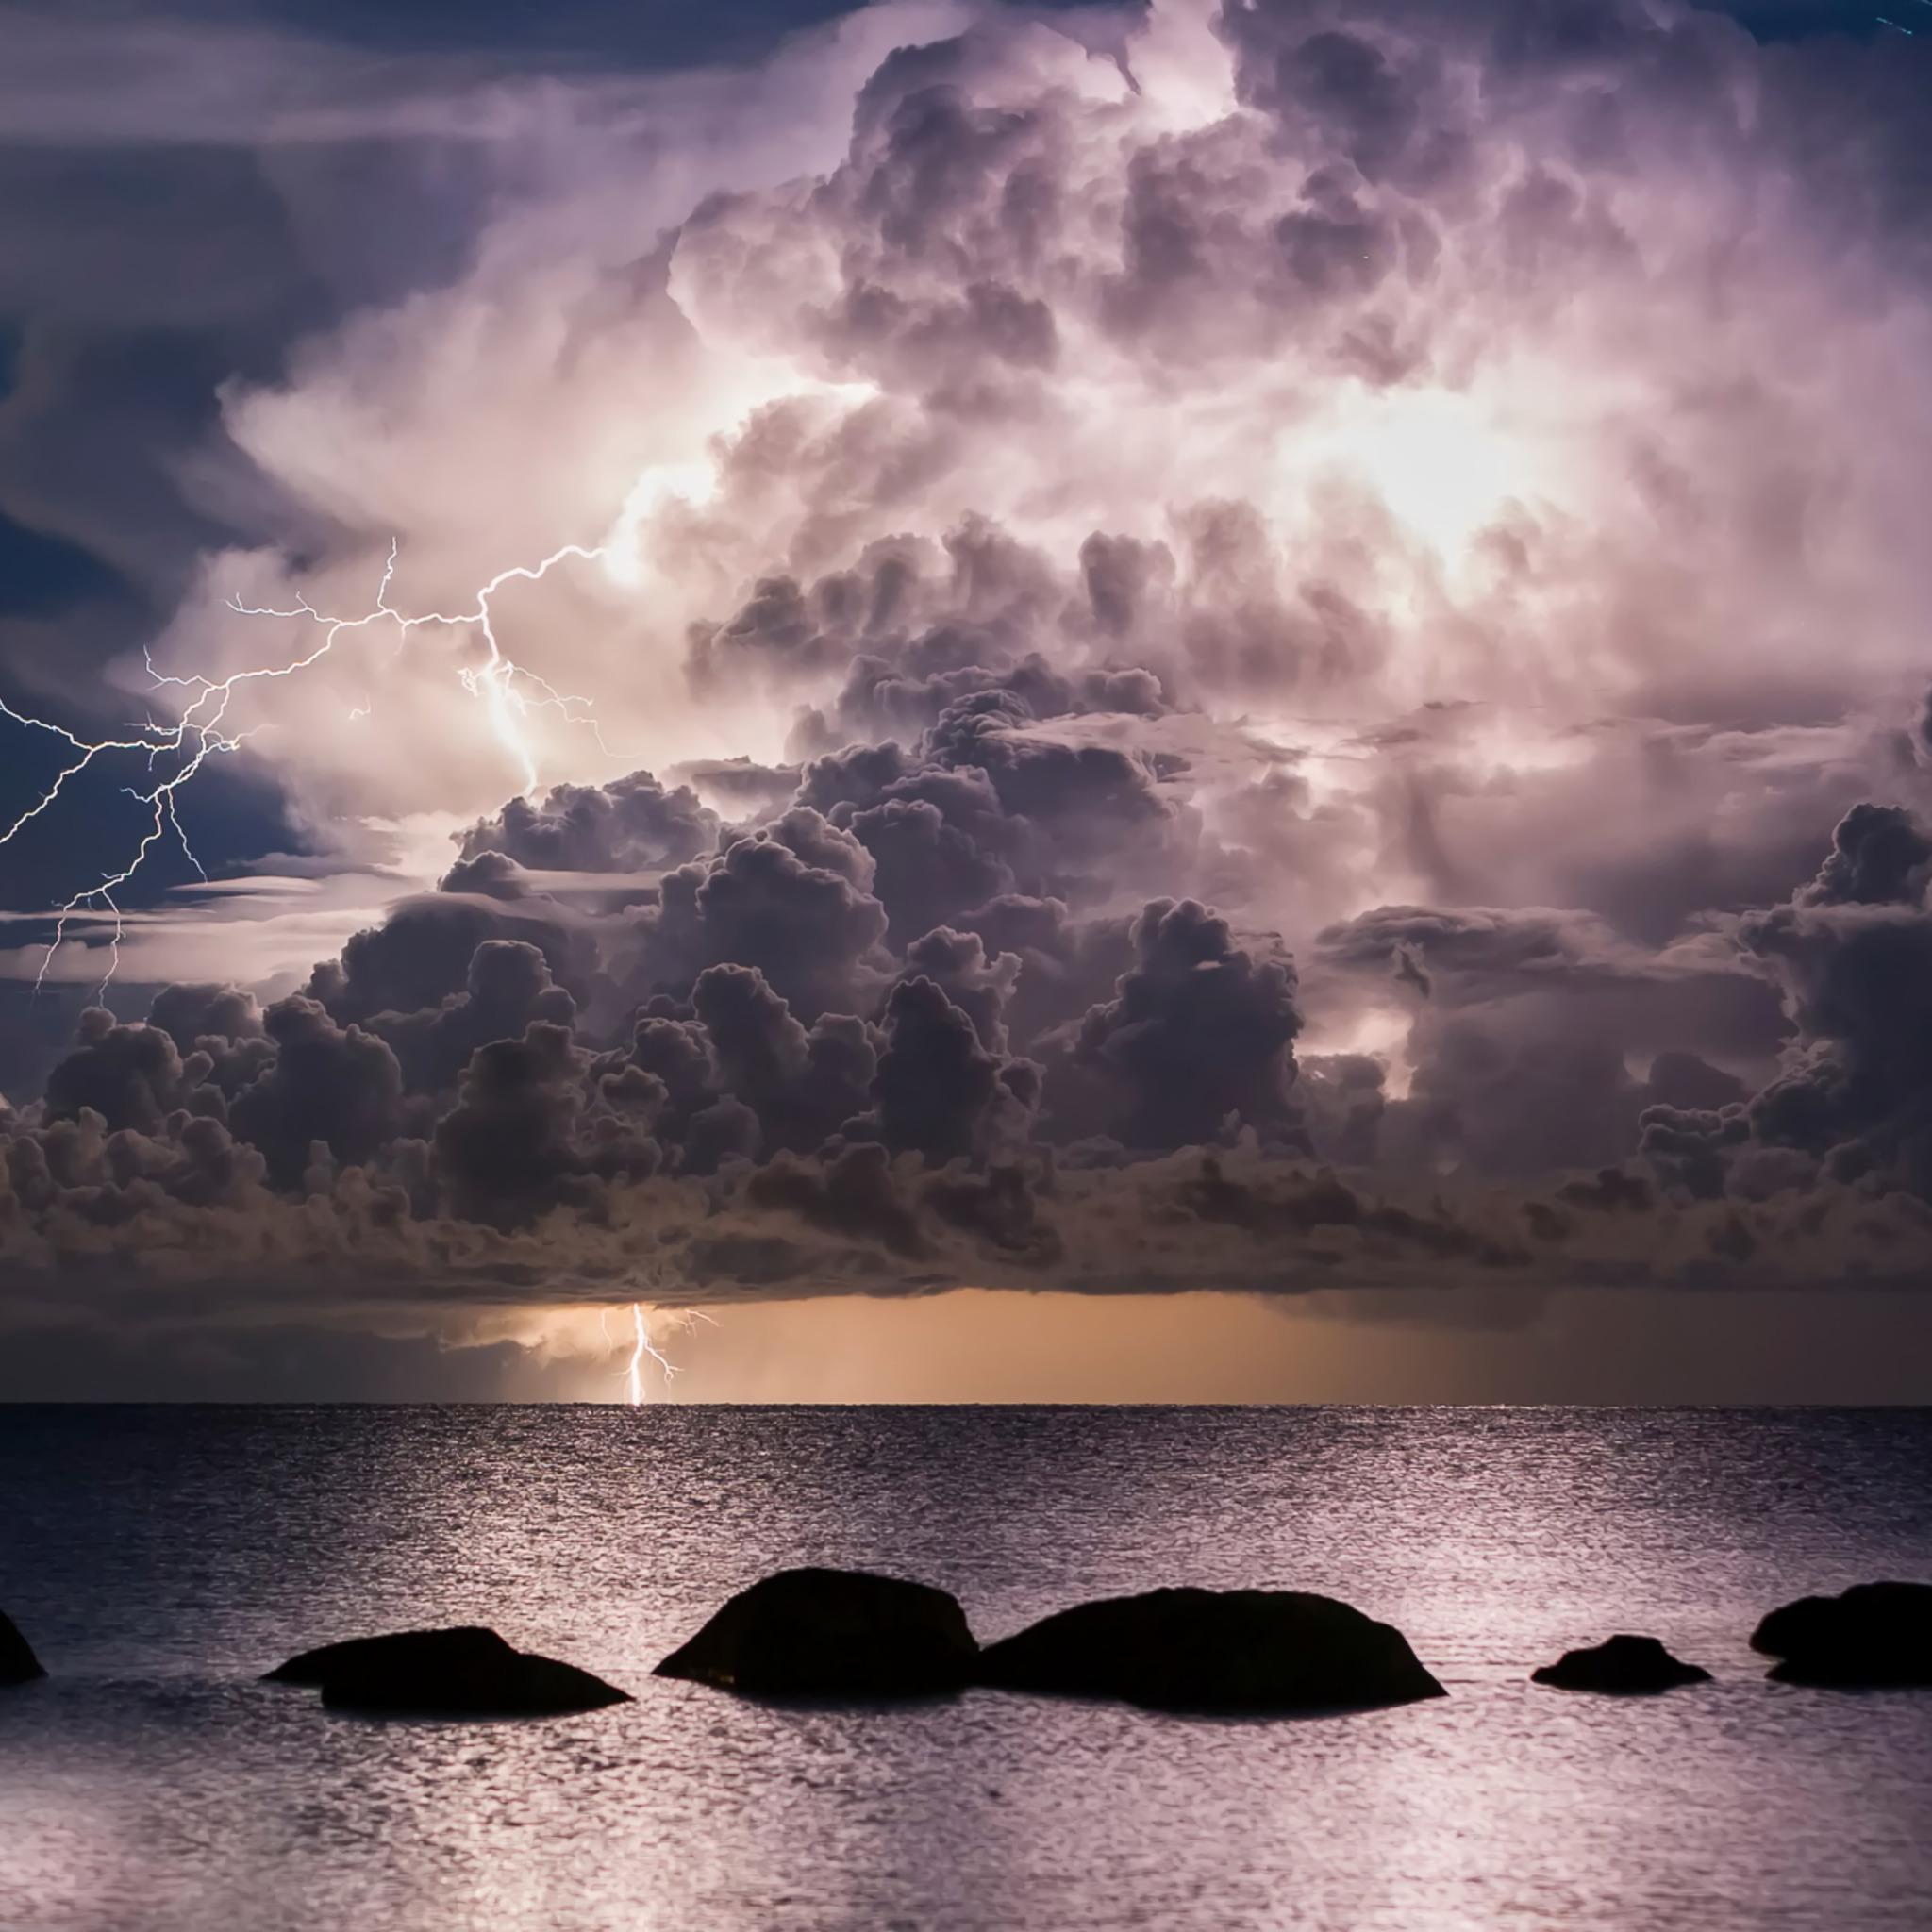 storm-clouds-over-ocean-wallpaper.jpg